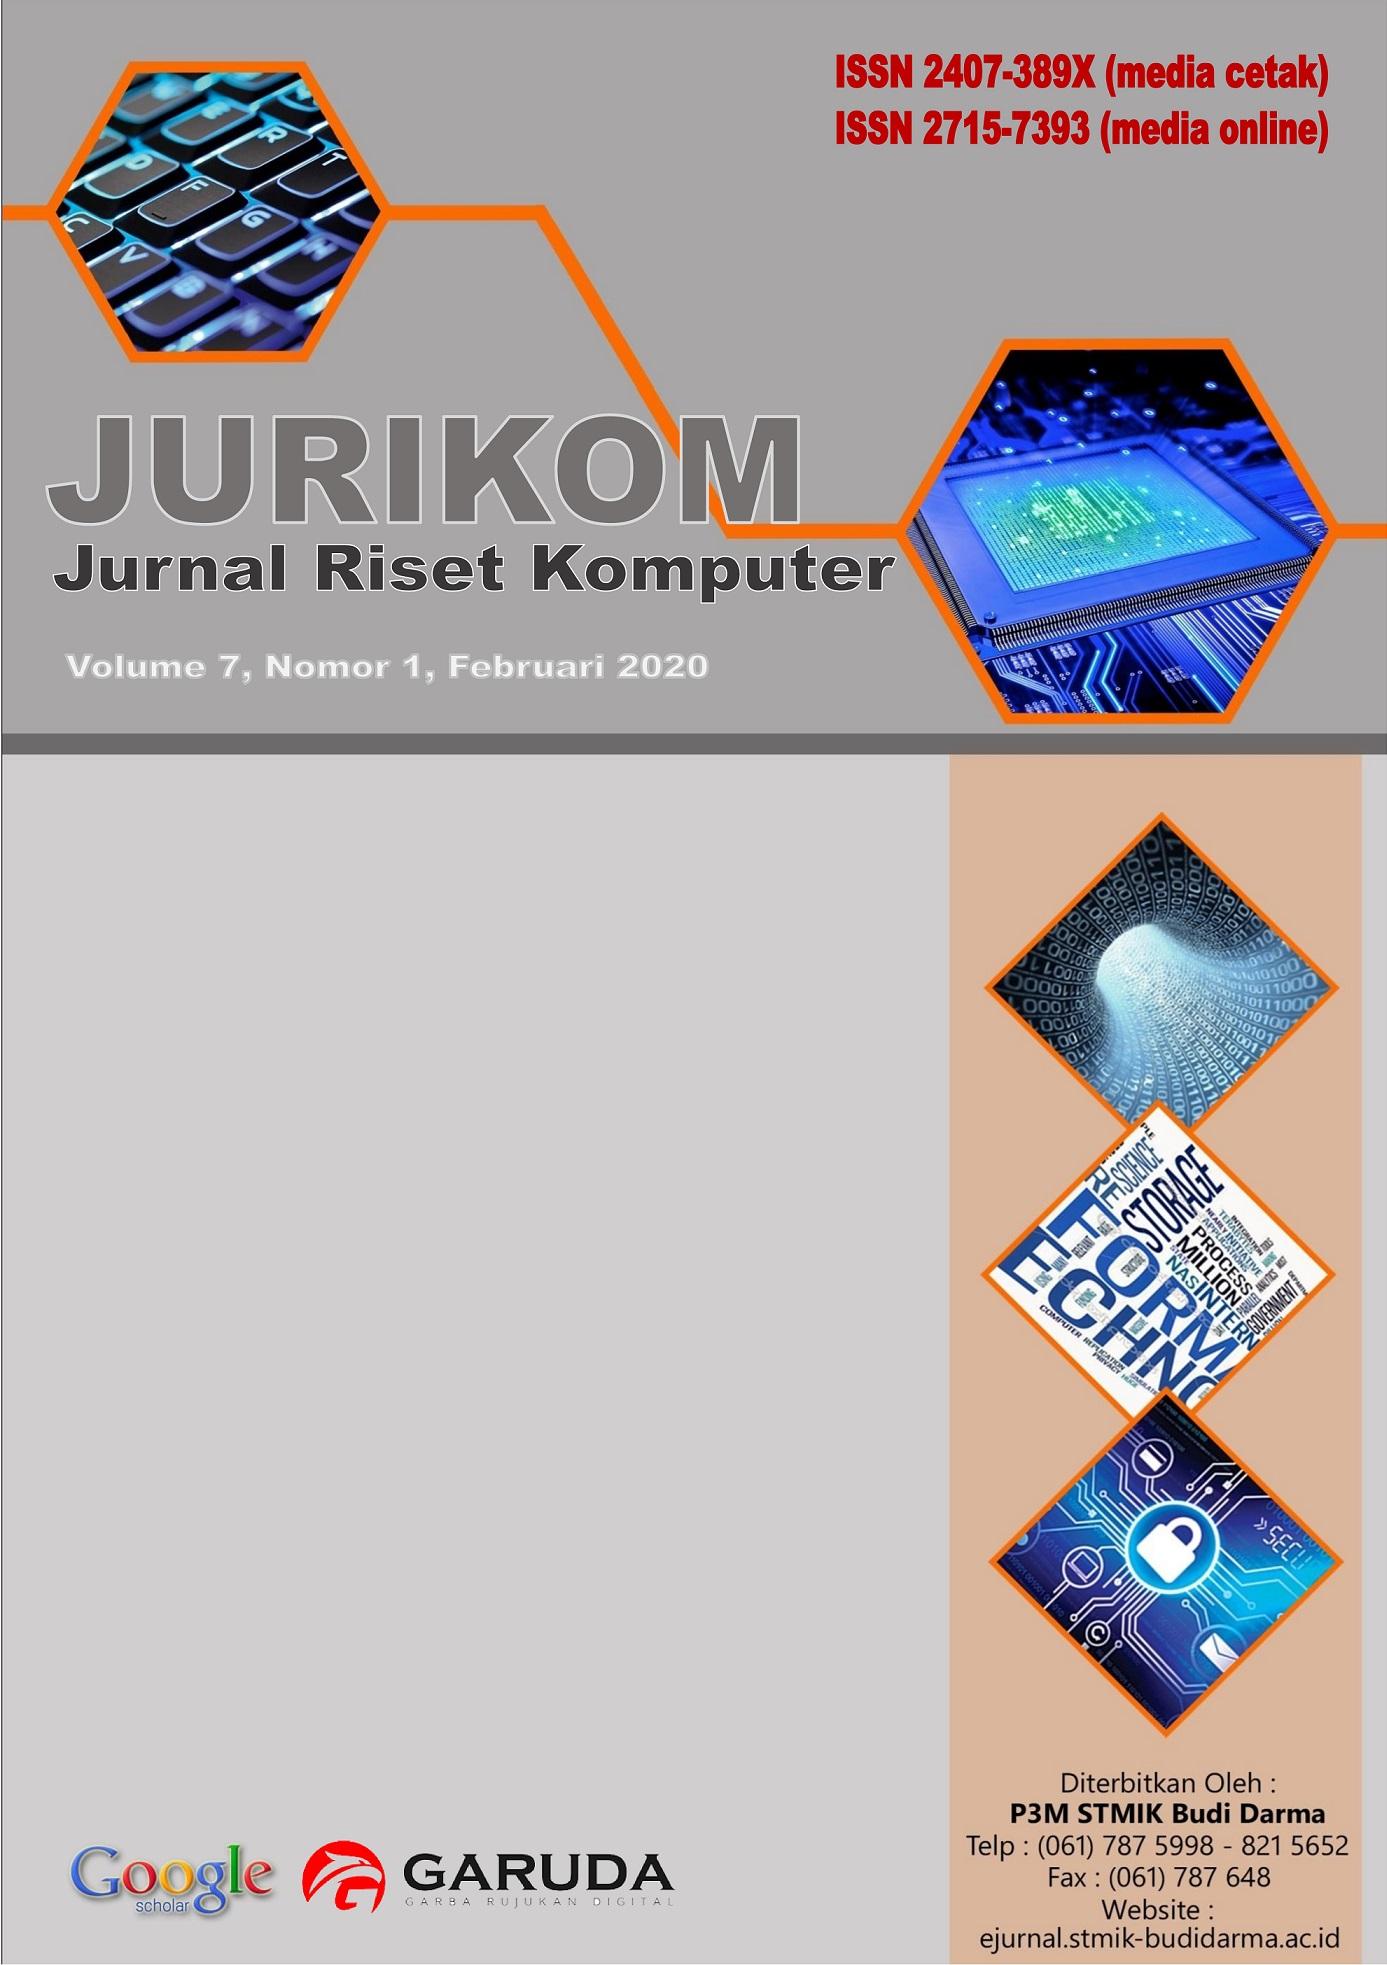 JURIKOM (Jurnal Riset Komputer)